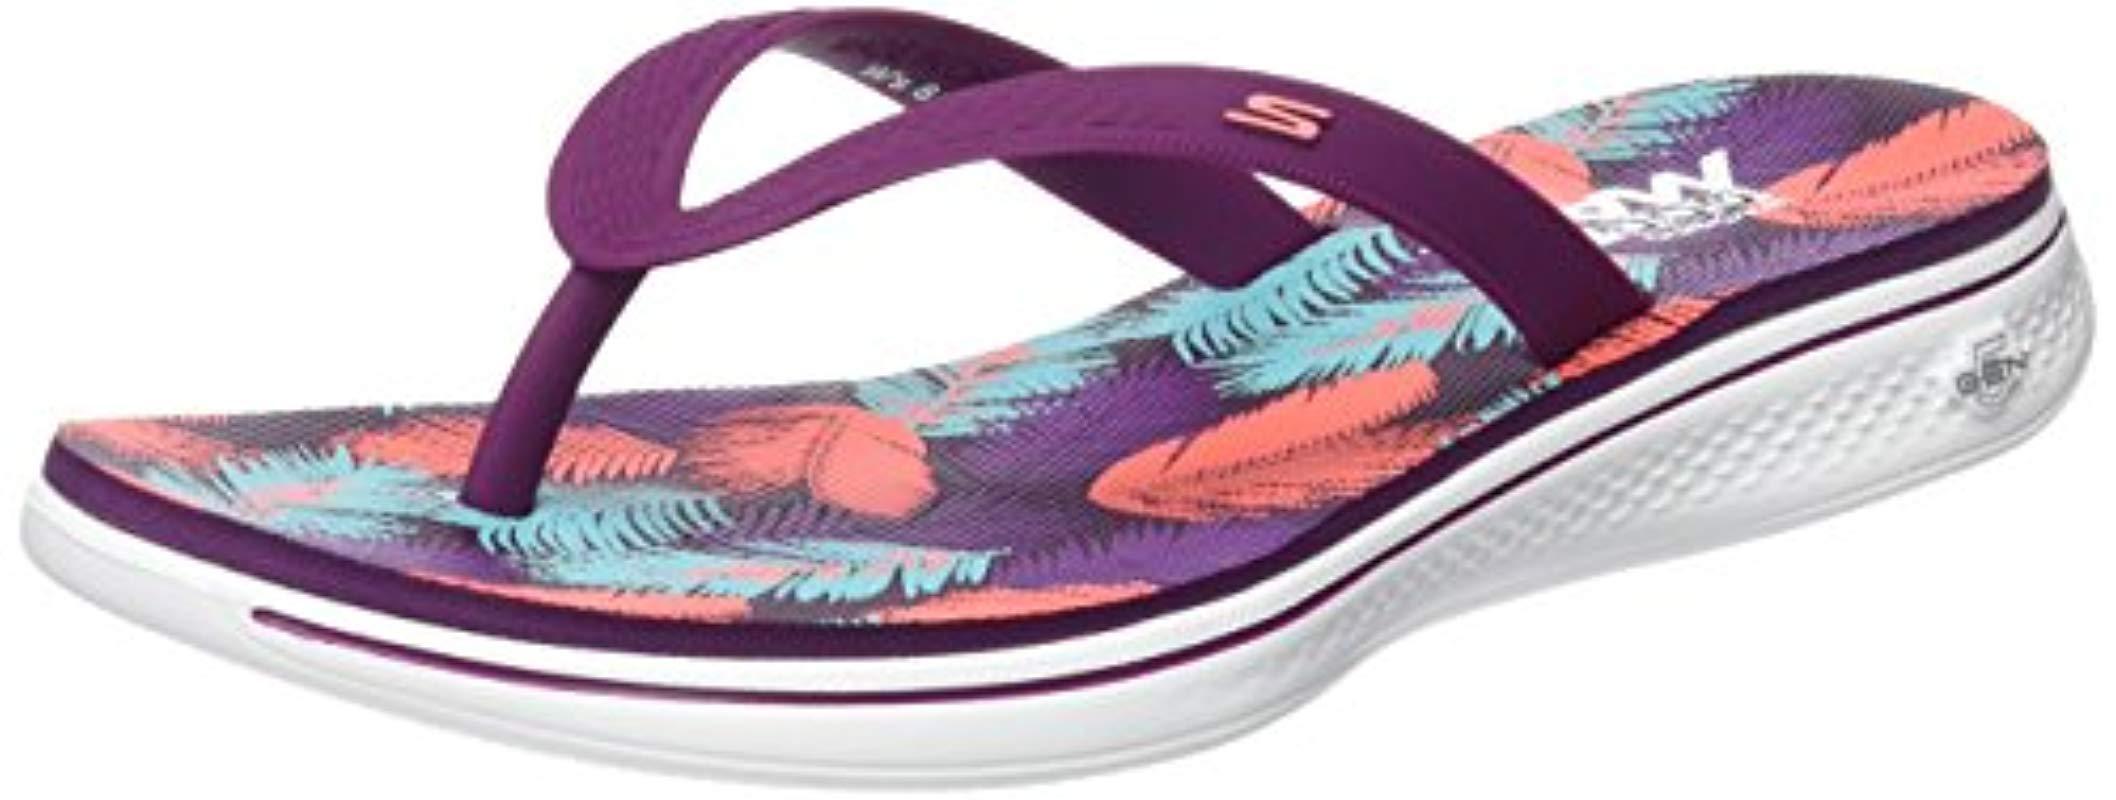 11782bf2a97f Skechers H2 Goga-lagoon Flip Flops in Purple - Lyst